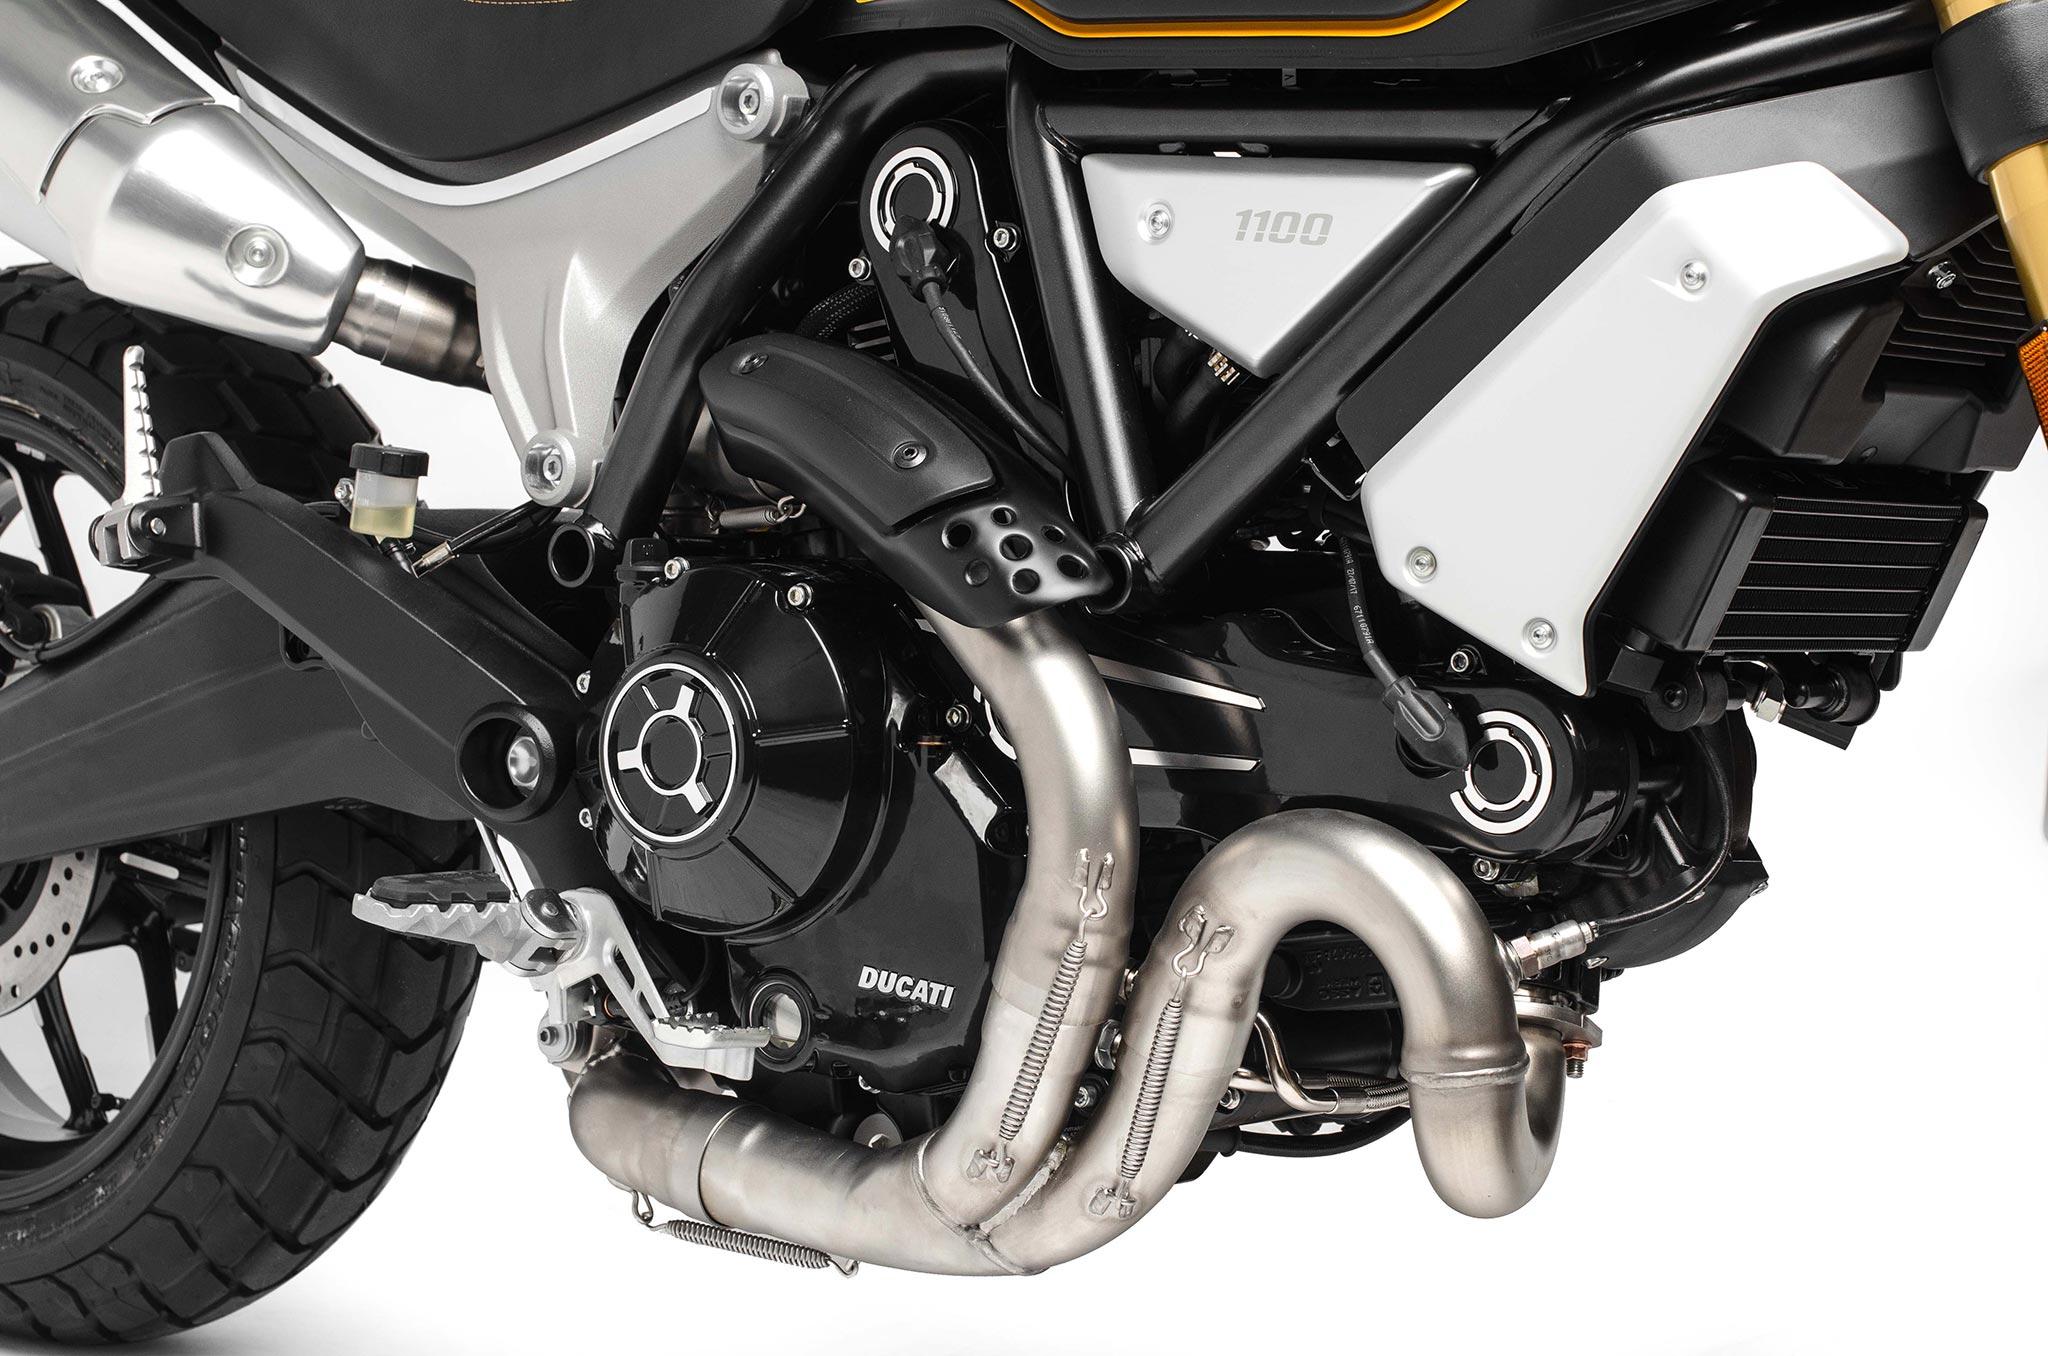 Ducati-Scrambler-1100-2018-tai-An-Do-gia-re-hon-Viet-Nam-74-trieu-dong-anh-4